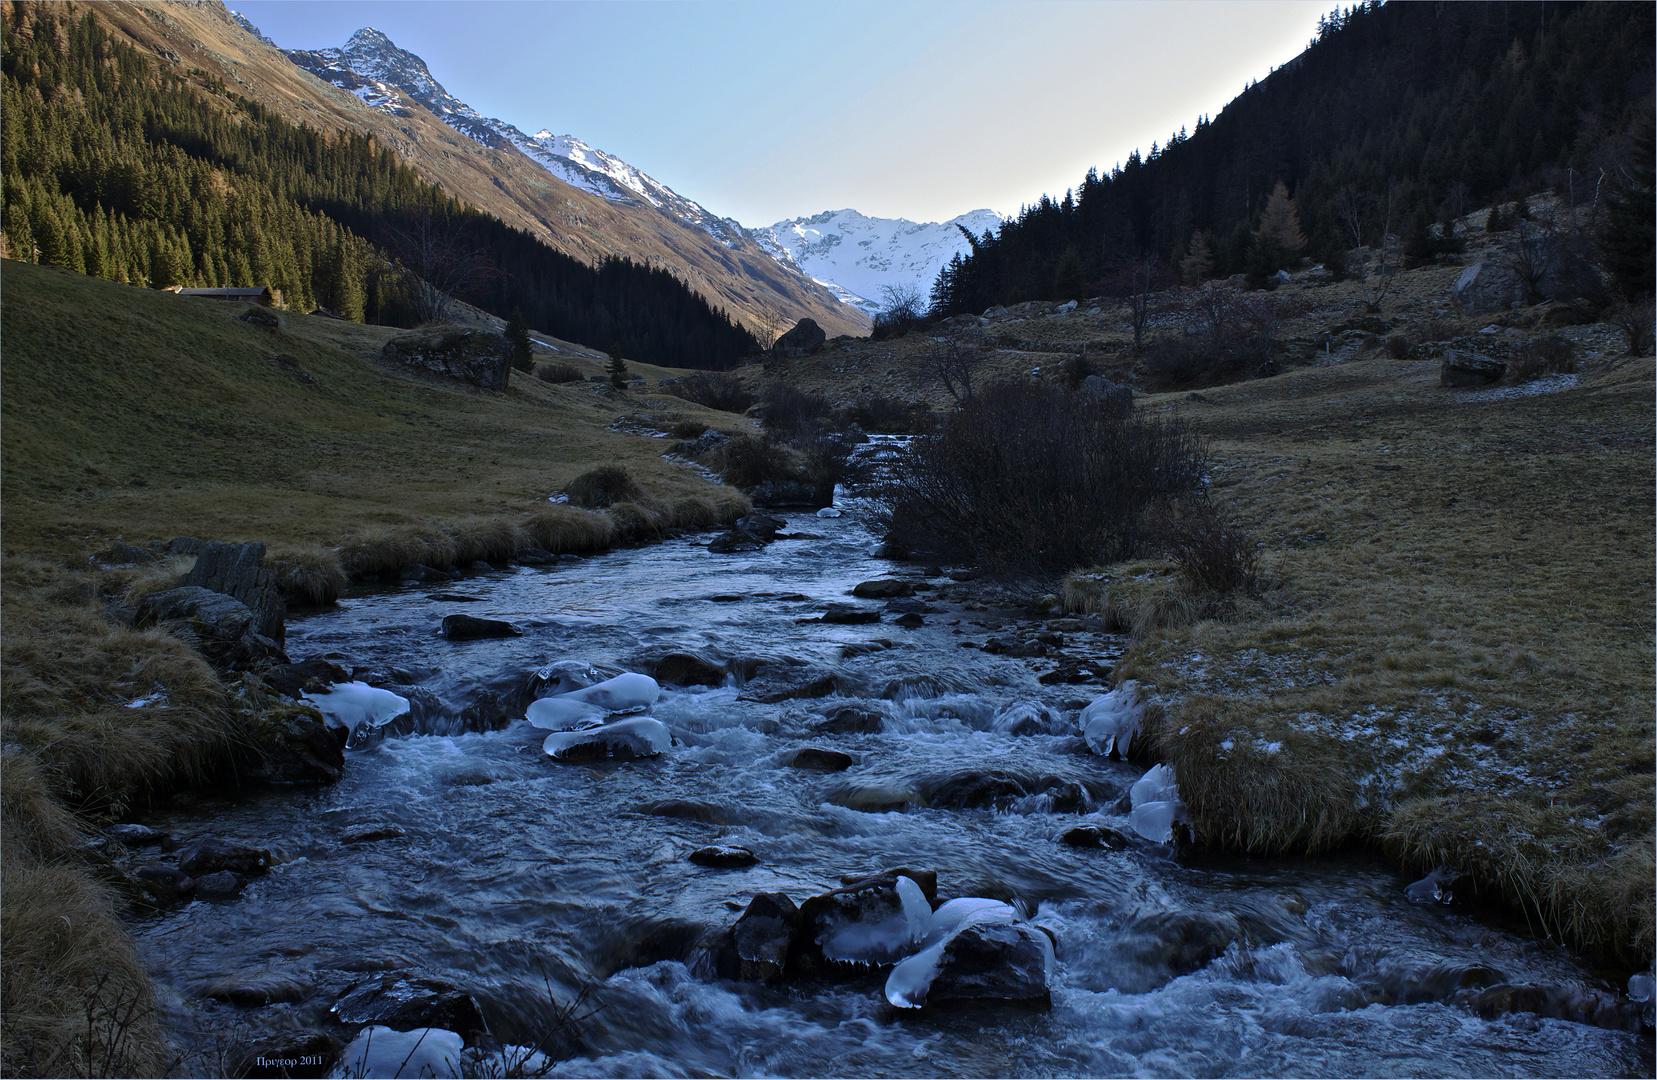 Im Tal der Dischma (Kanton Graubünden / Schweiz)